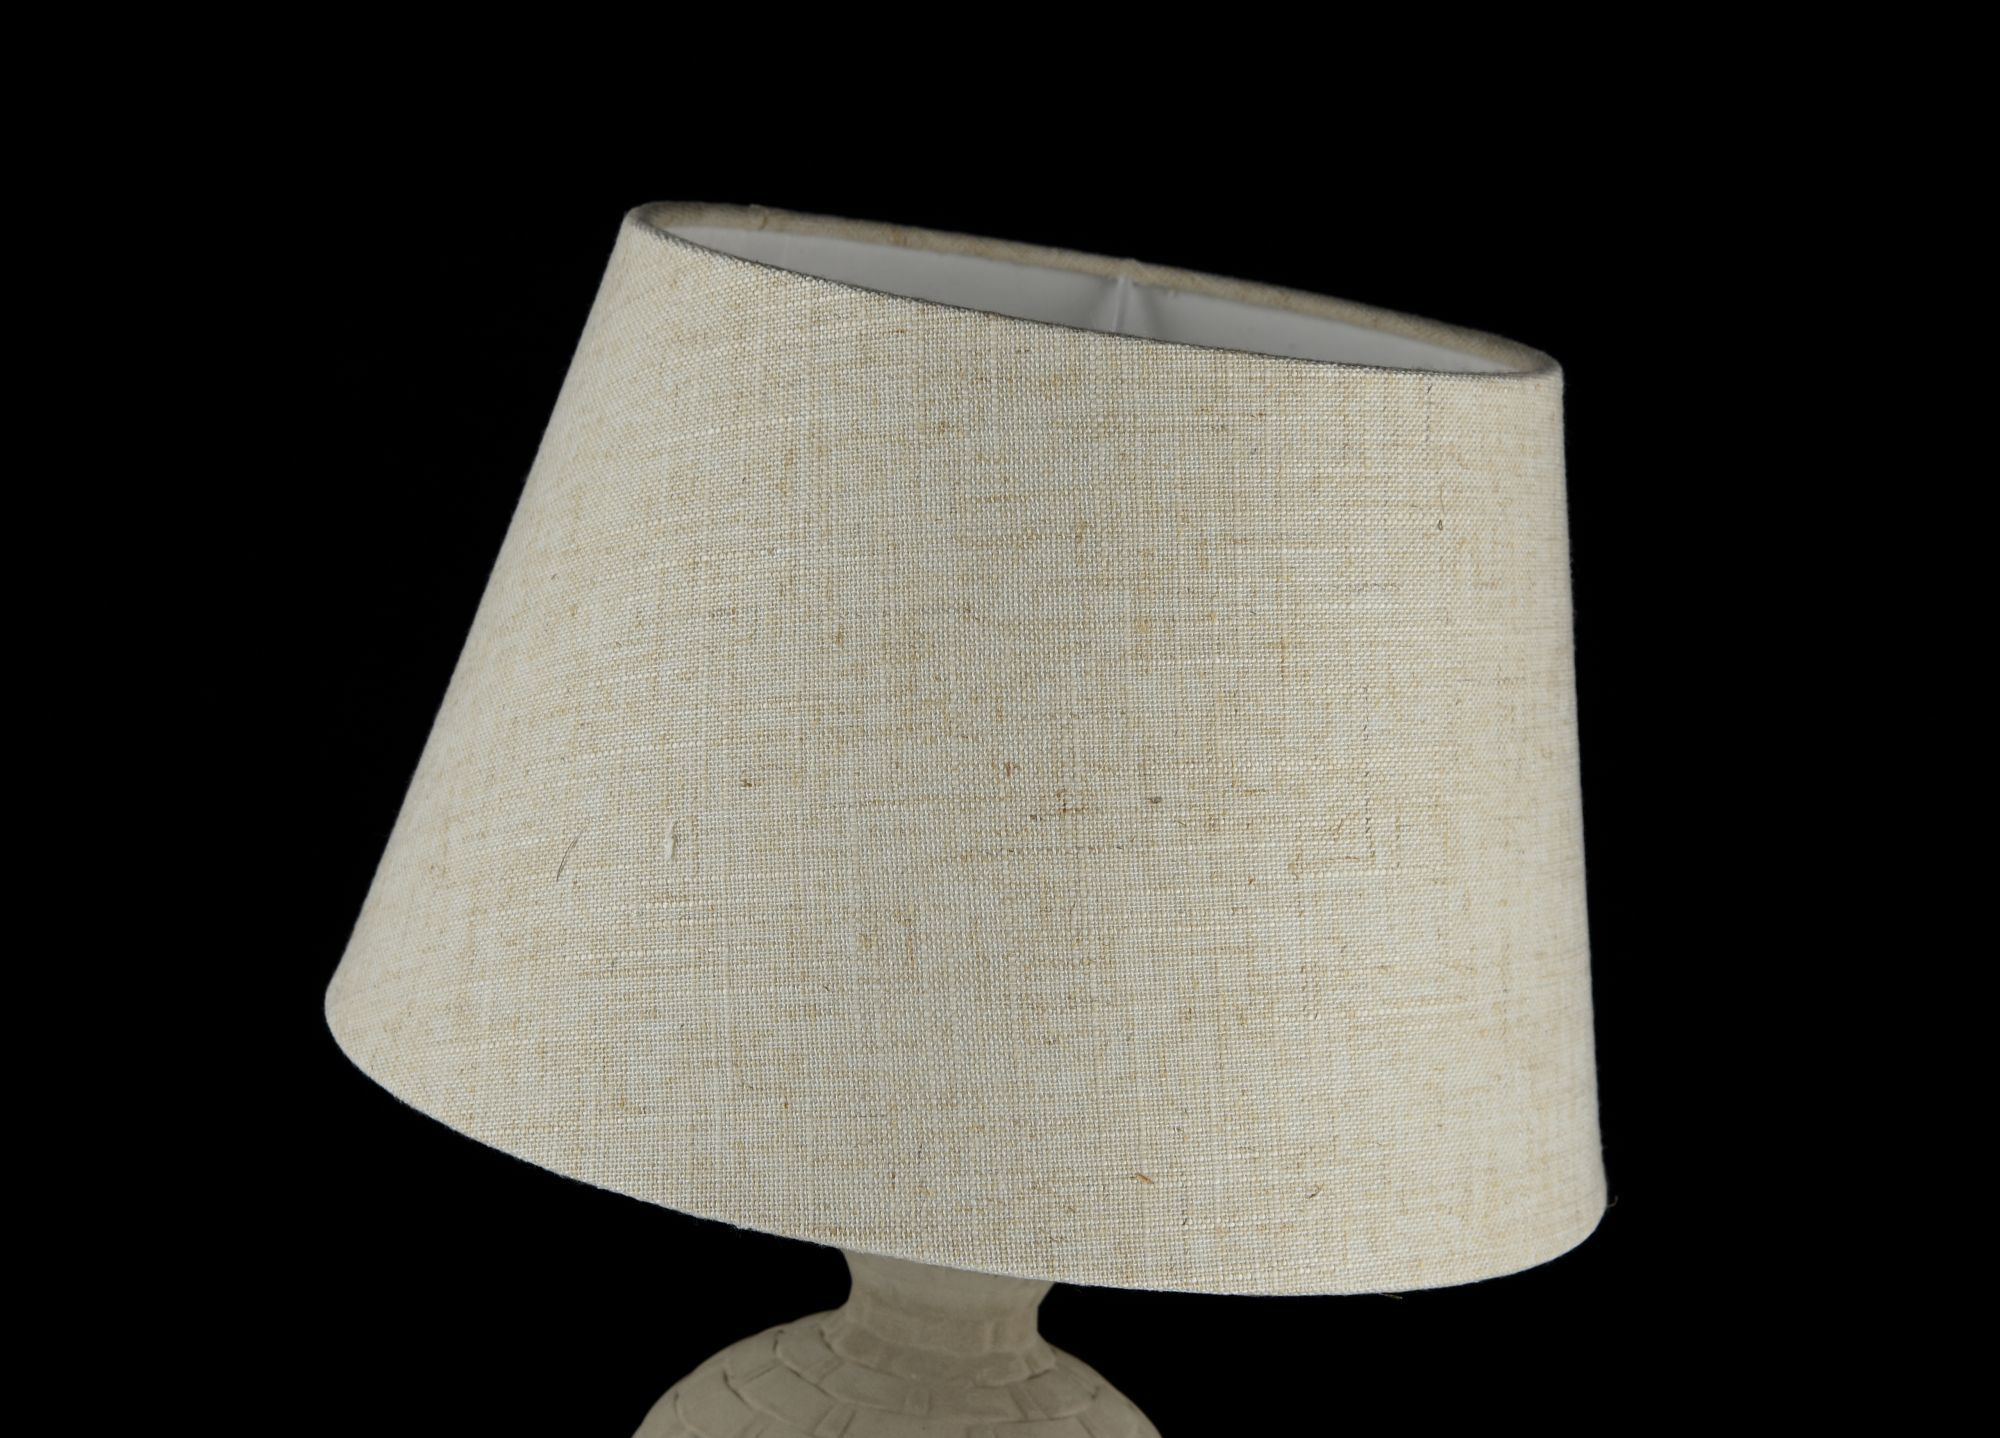 Настольная лампа Maytoni Adeline Z003-TL-01-W (mod003-11-w), 1xE27x60W, бежевый, керамика, текстиль - фото 6